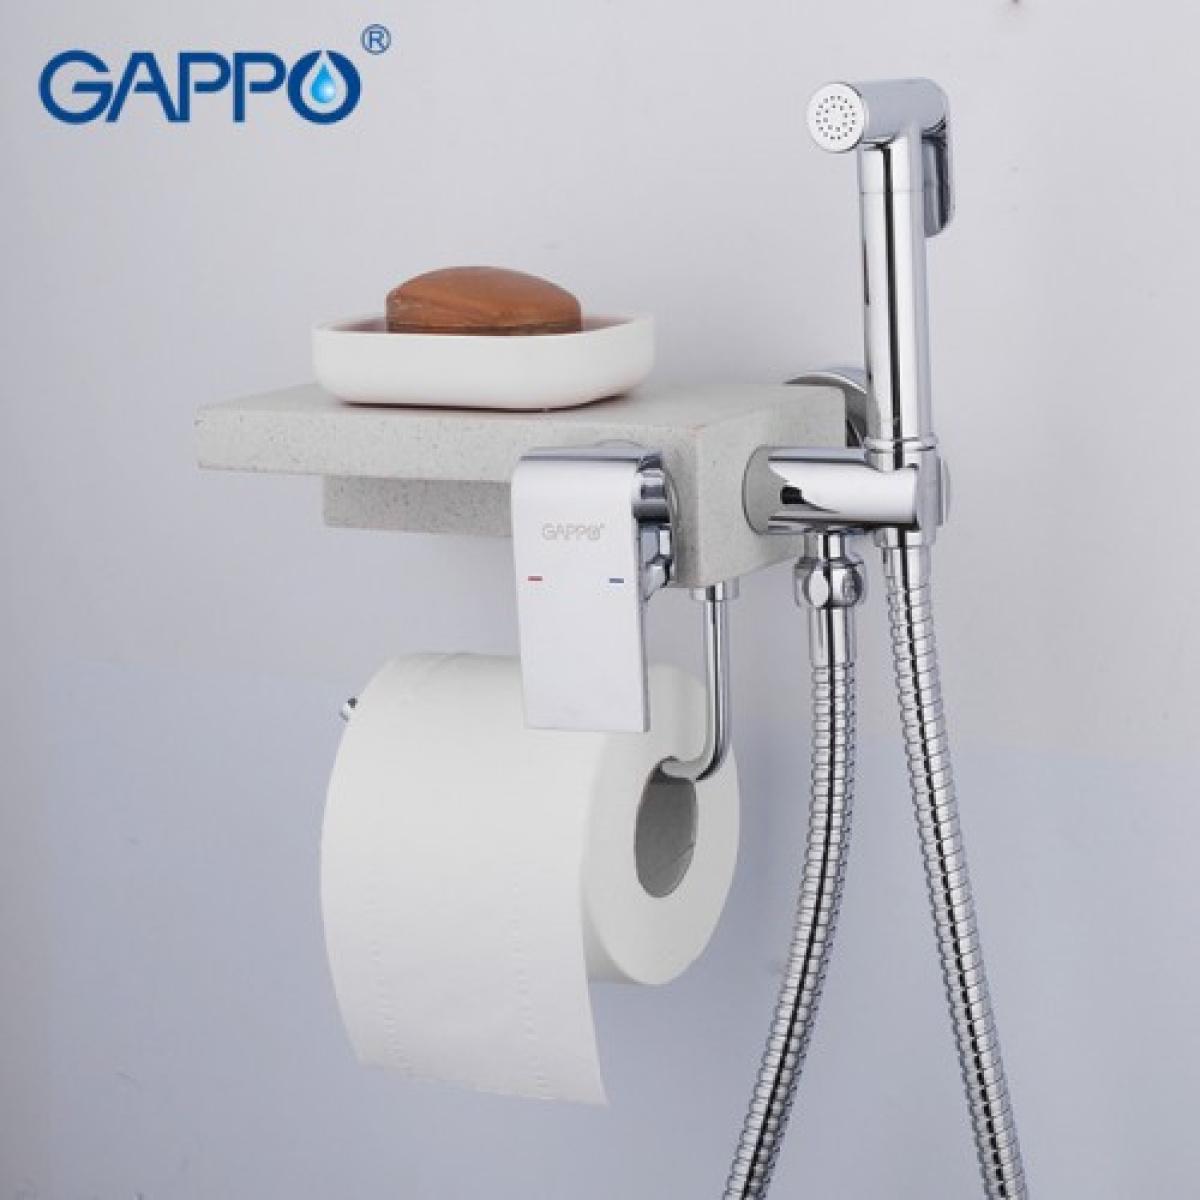 Гигиенический душ с бумагодержателем белый (кварц)/хром gappo g7296